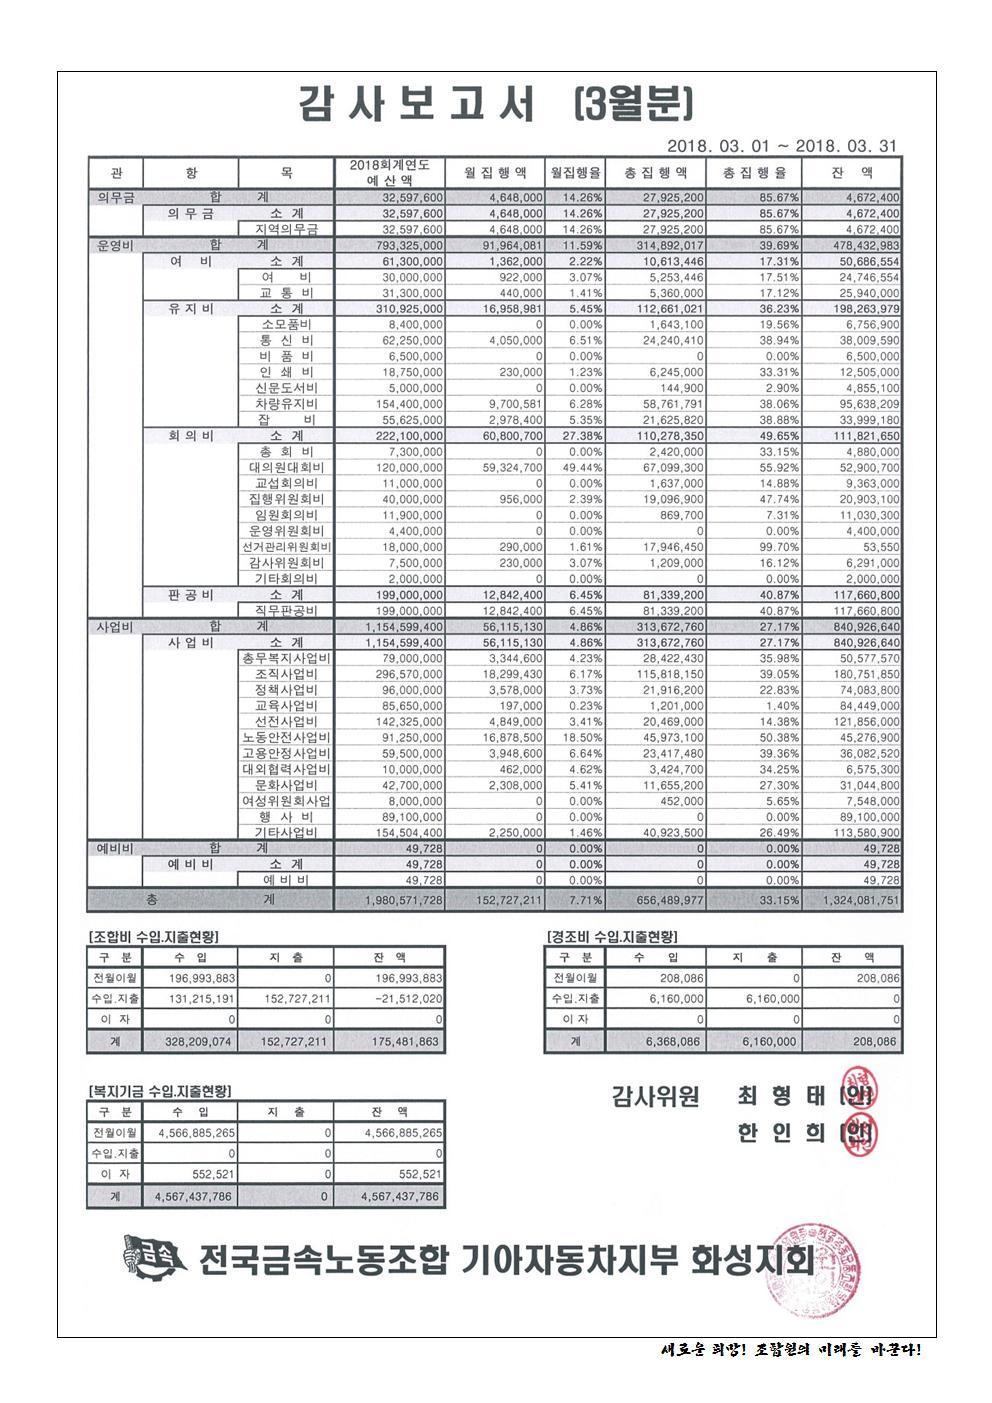 함성소식 25-30002.jpg